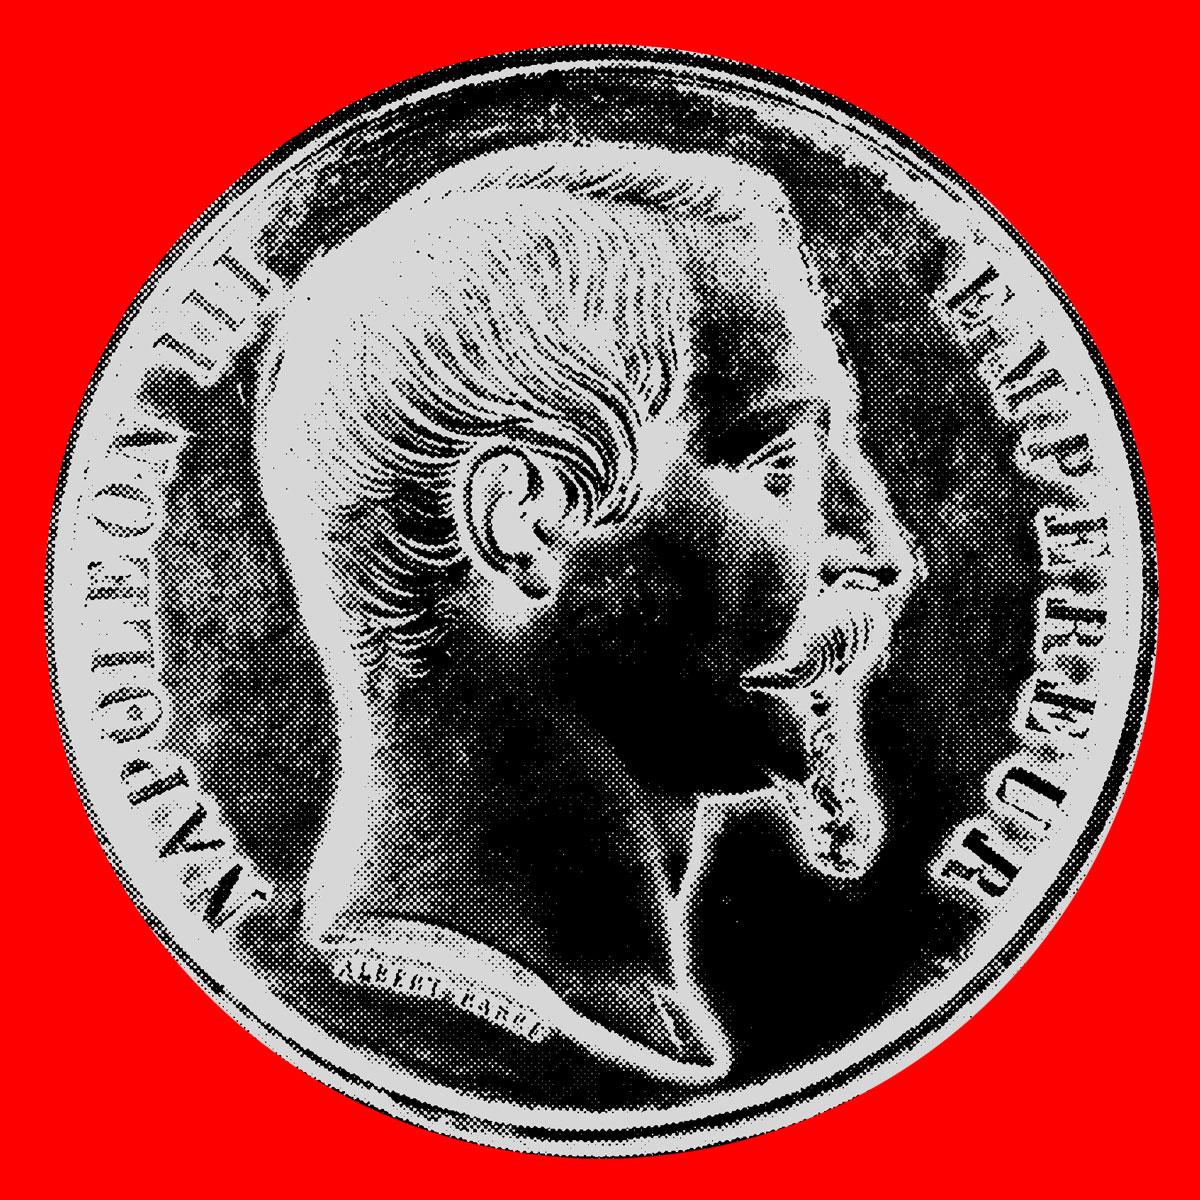 Medaille mit dem Konterfait von Napoleon III, die als besondere Auszeichnung für die Weltausstellung vergeben wurde.